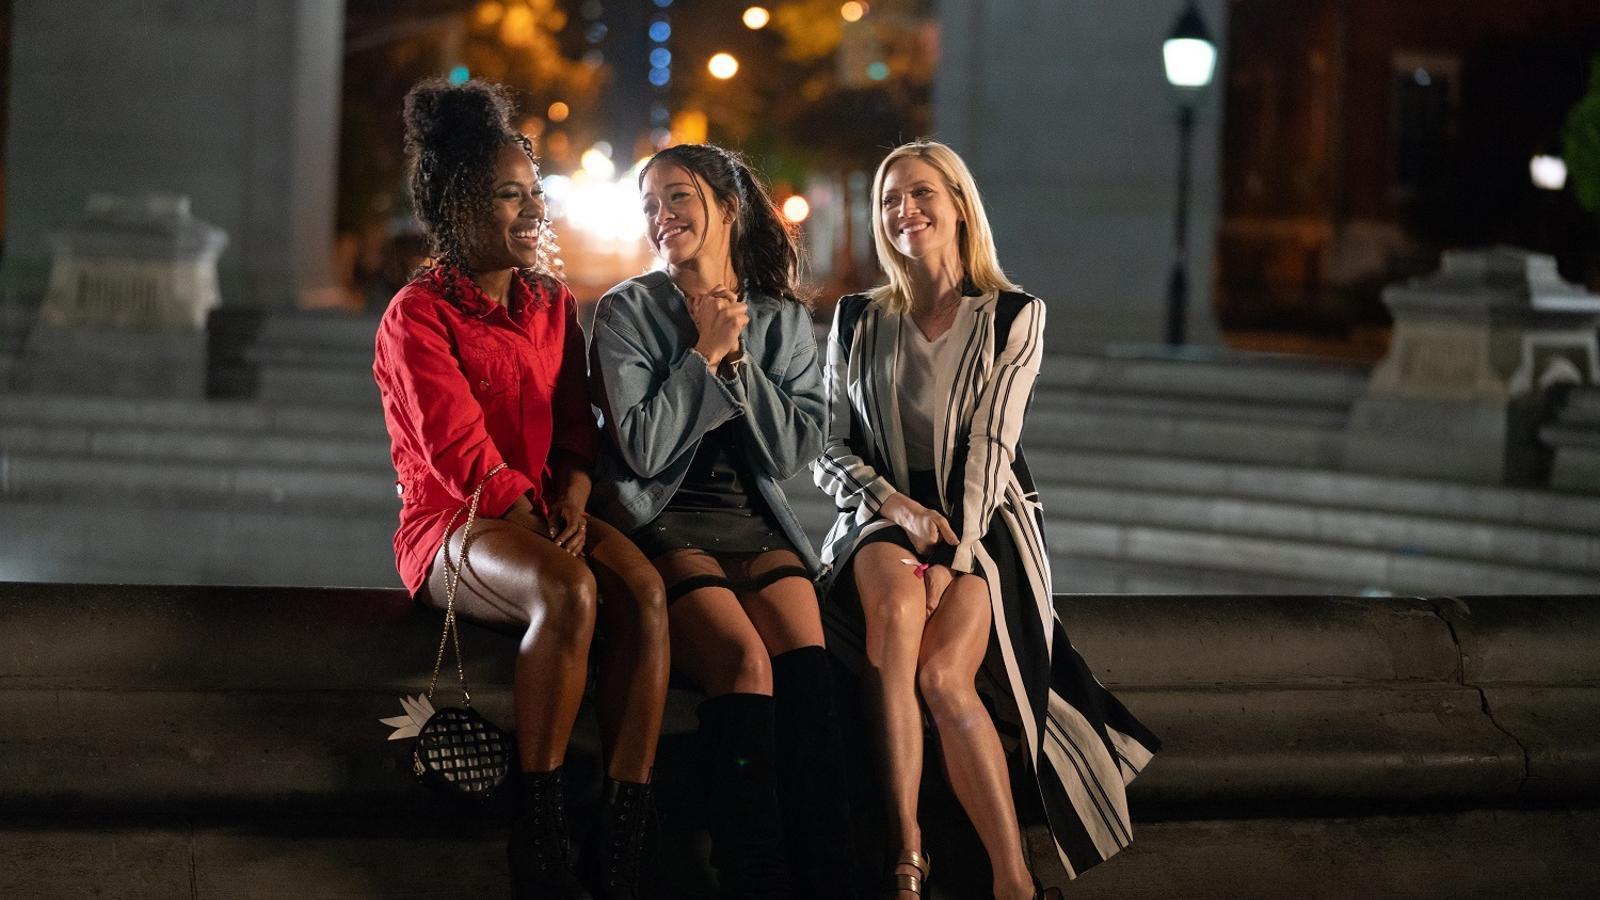 'Alguien especial': Gina Rodríguez és l'estrella en aquesta superficial comèdia de Netflix